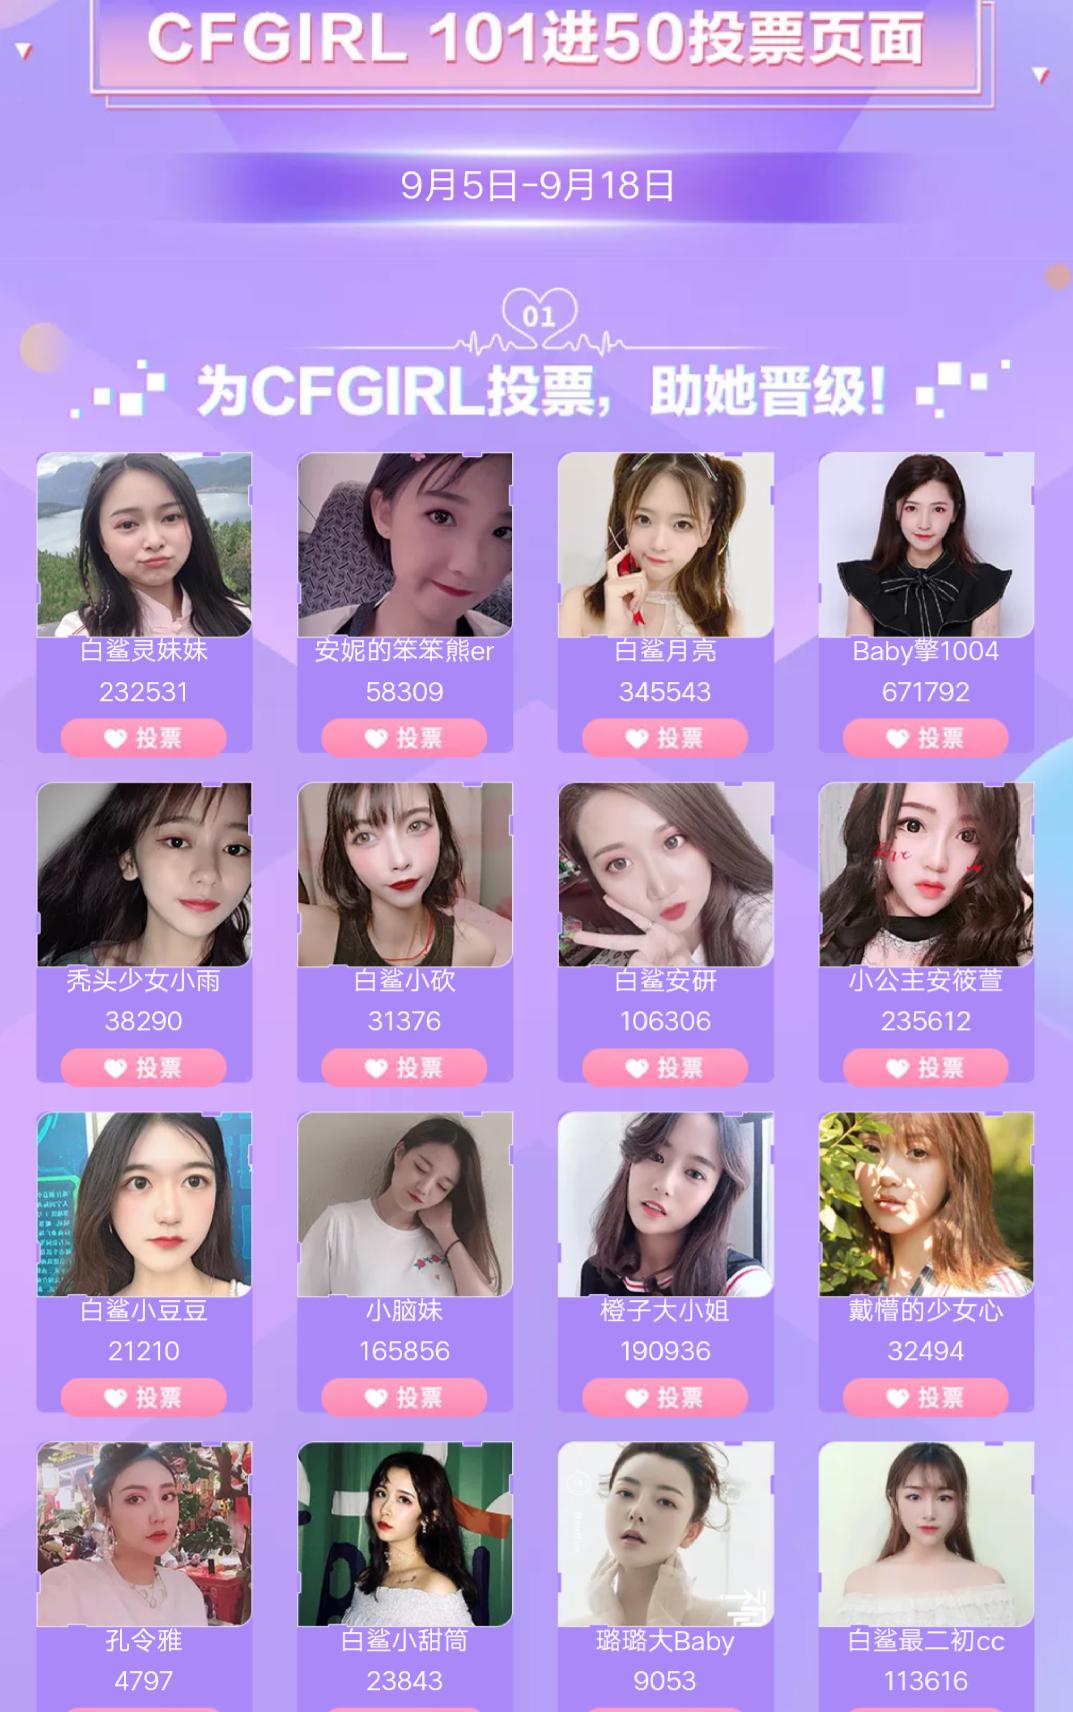 斗鱼票选CF女孩,鱼美人11强上演真人秀,小团团C位出道?